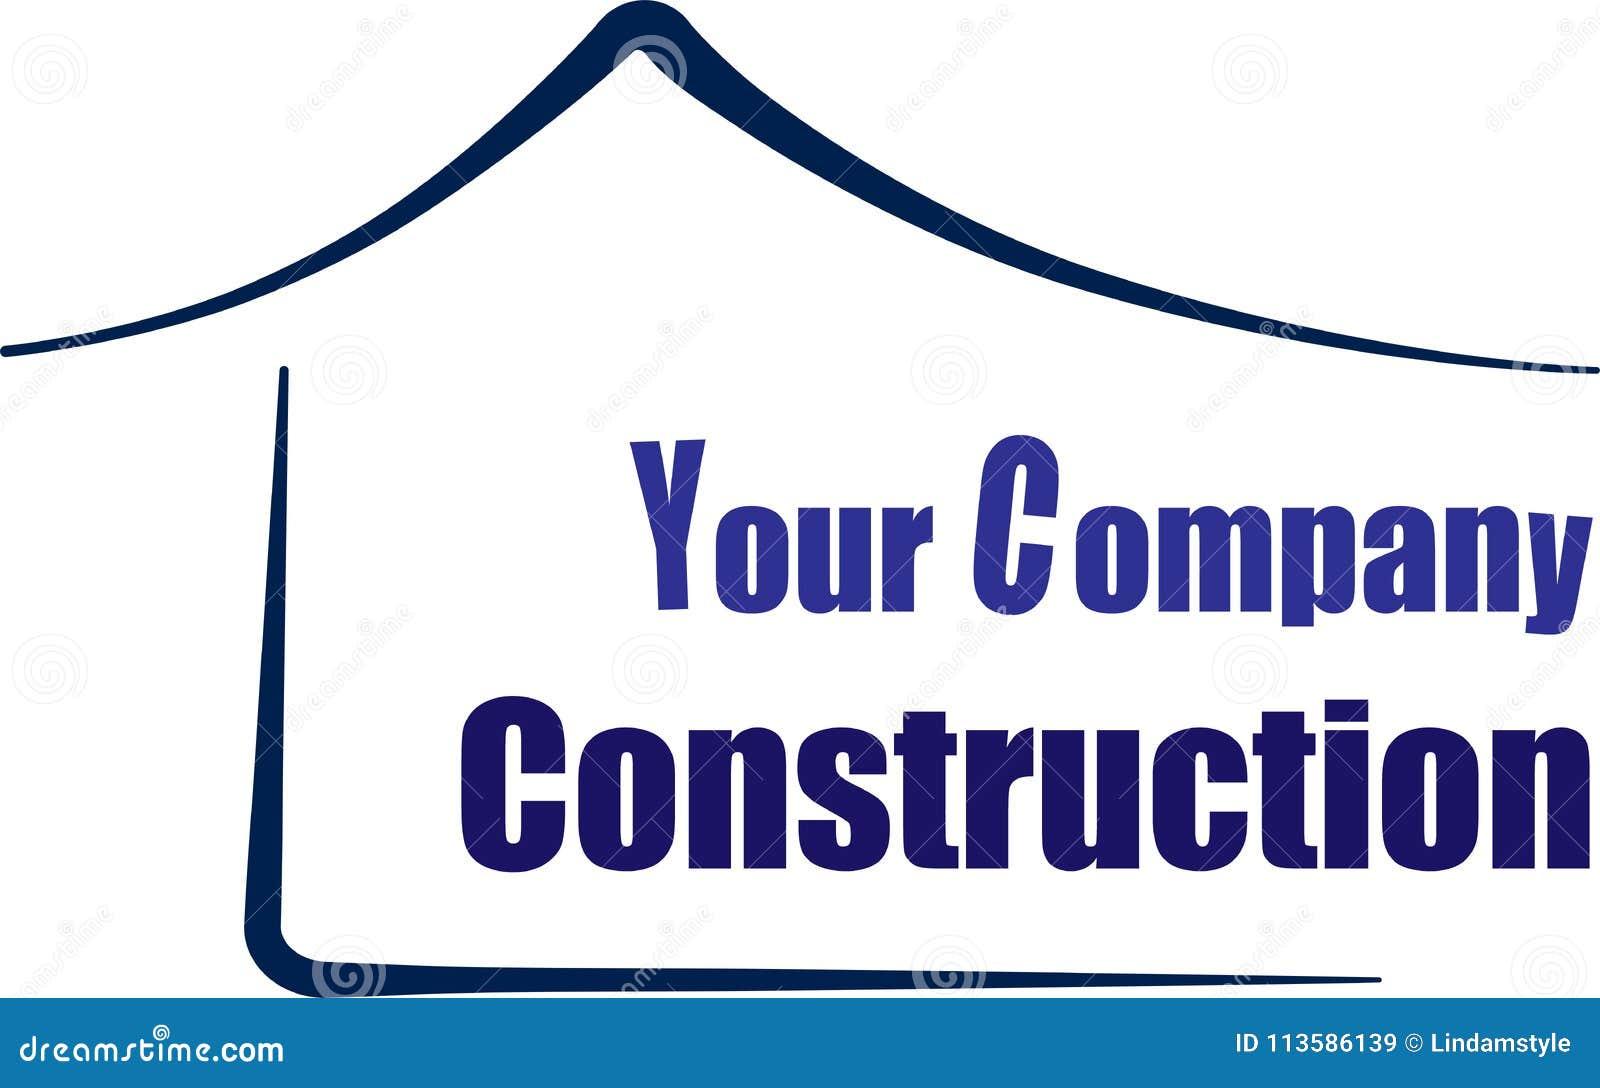 Логотип дома или домашних, зеленый дизайн вектора значка здания подъема символа архитектуры